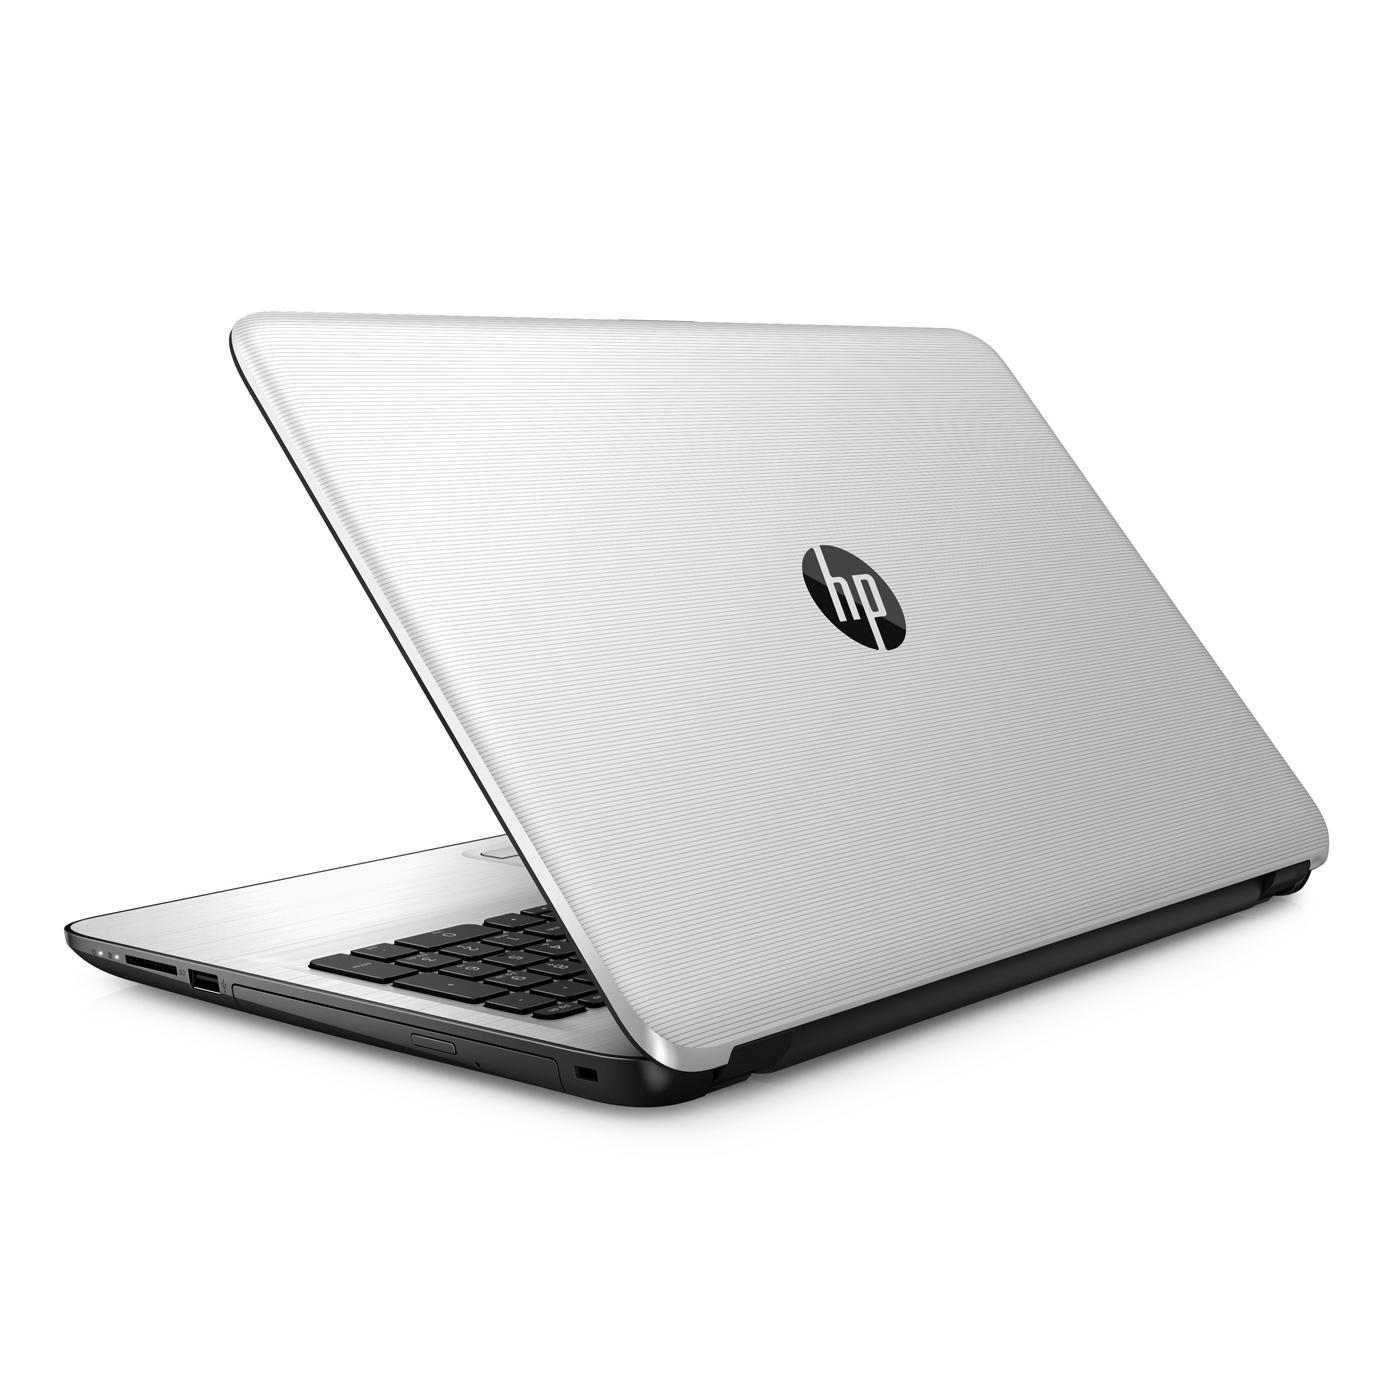 HP 15-ba016nf 15.6-inch () - A8-7410 - 6GB - HDD 1 TB AZERTY - French